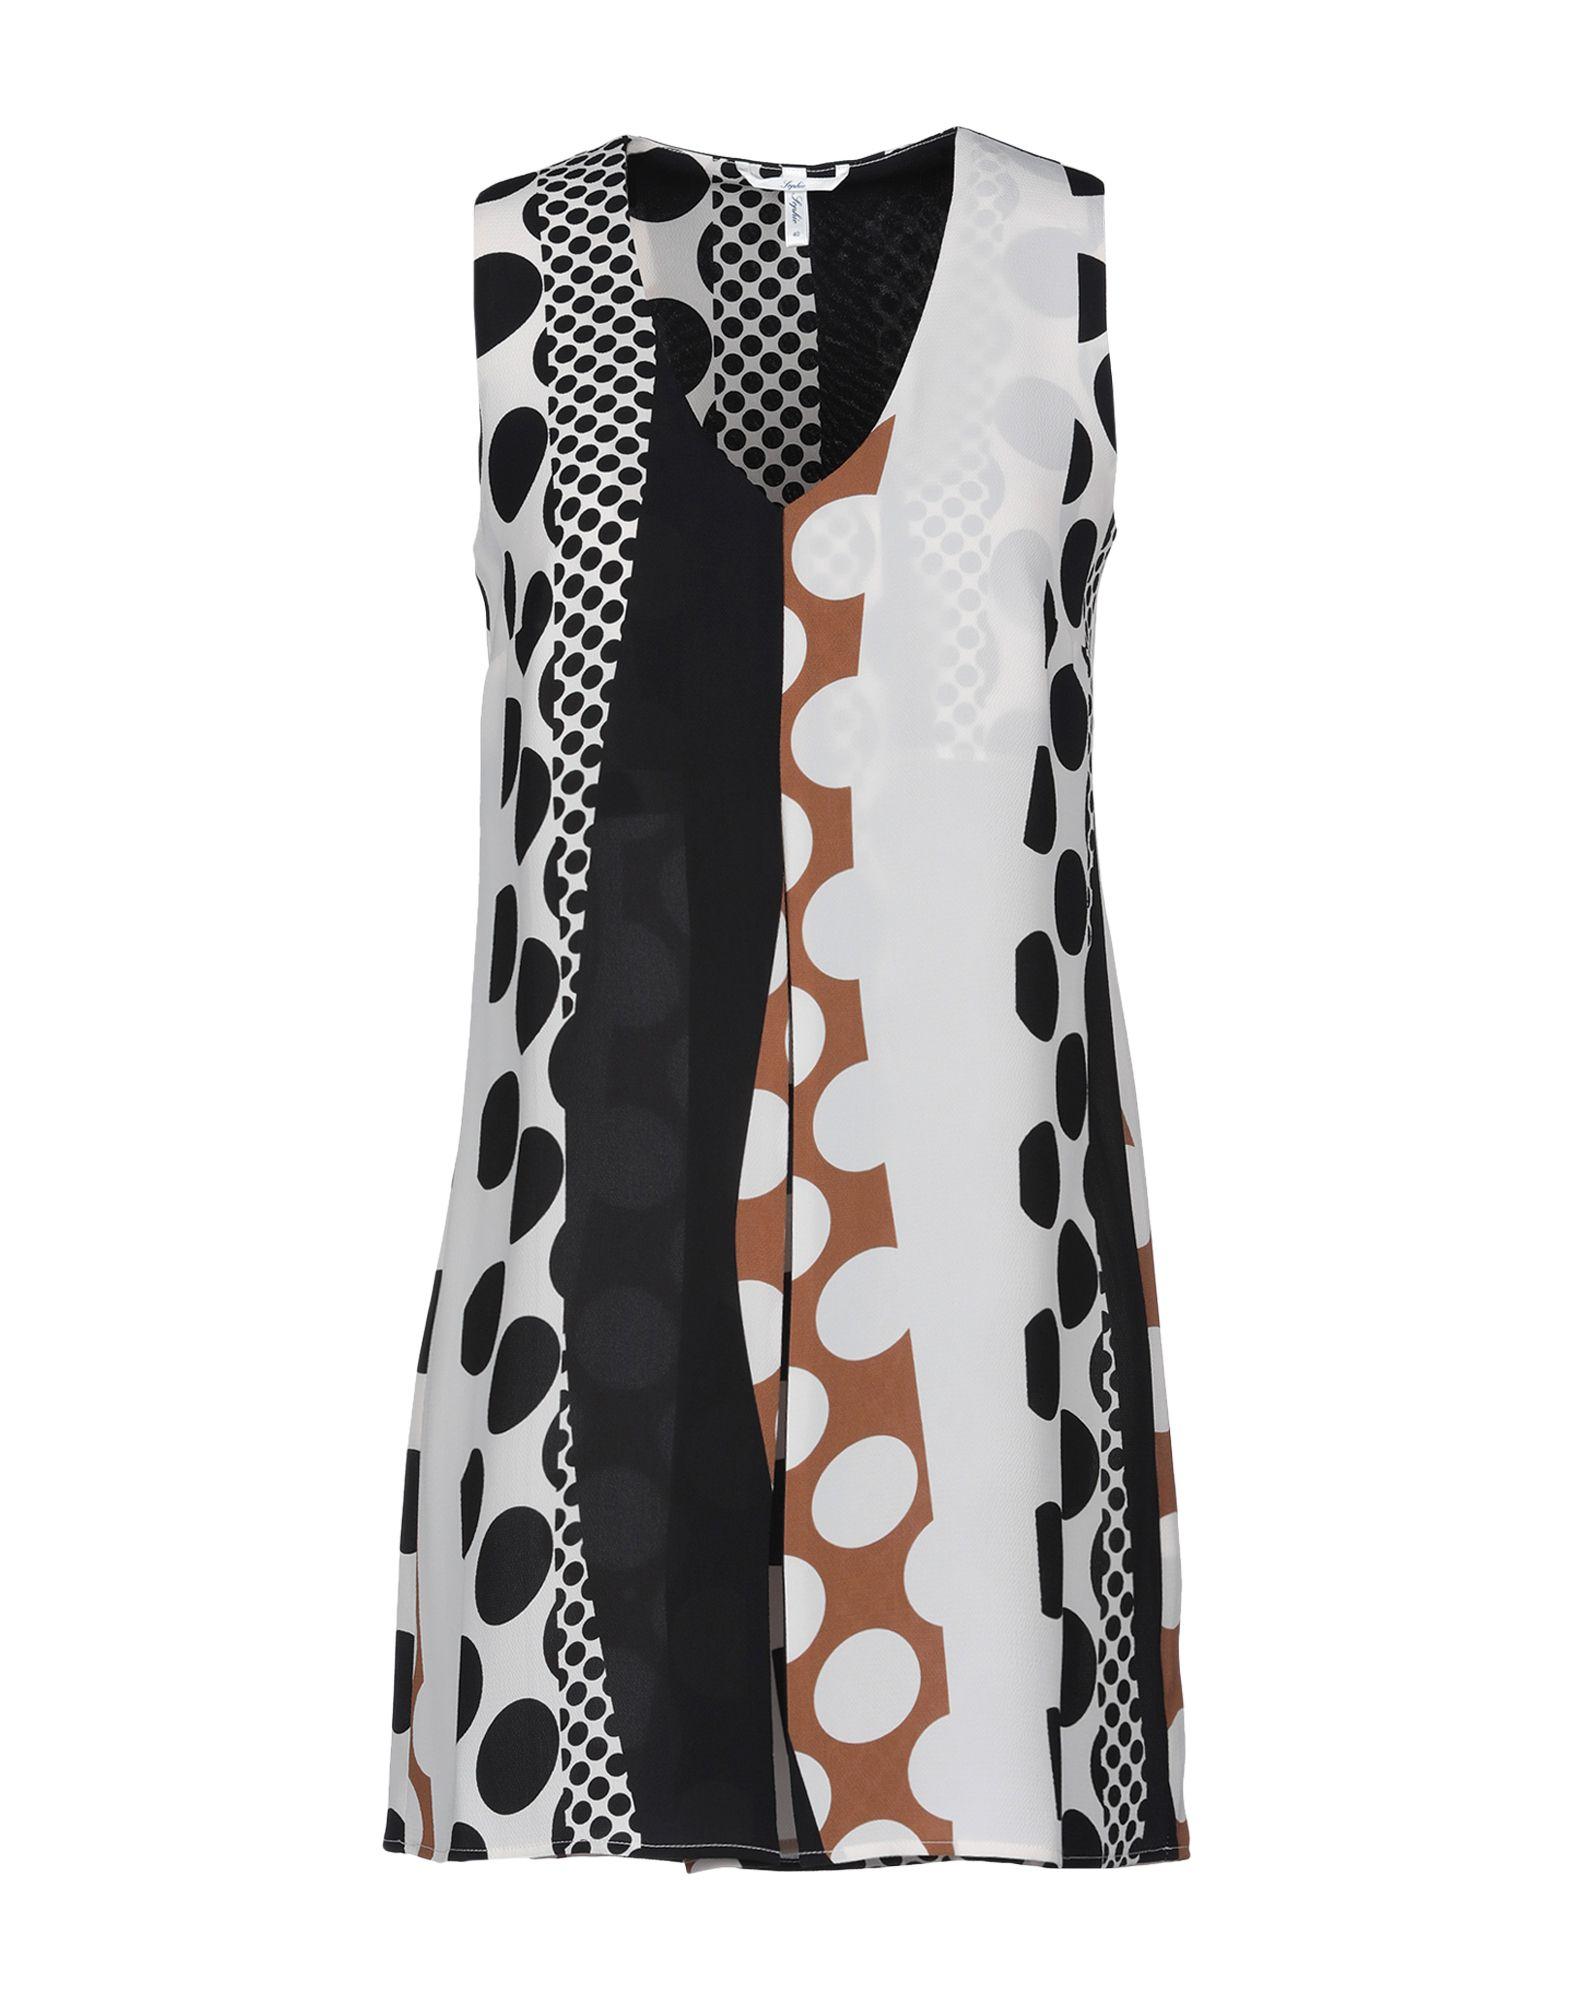 SOPHIE Короткое платье летом 2015 новый суд европы печати тонкая талия ретро платье без рукавов жилет юбка в конце детей